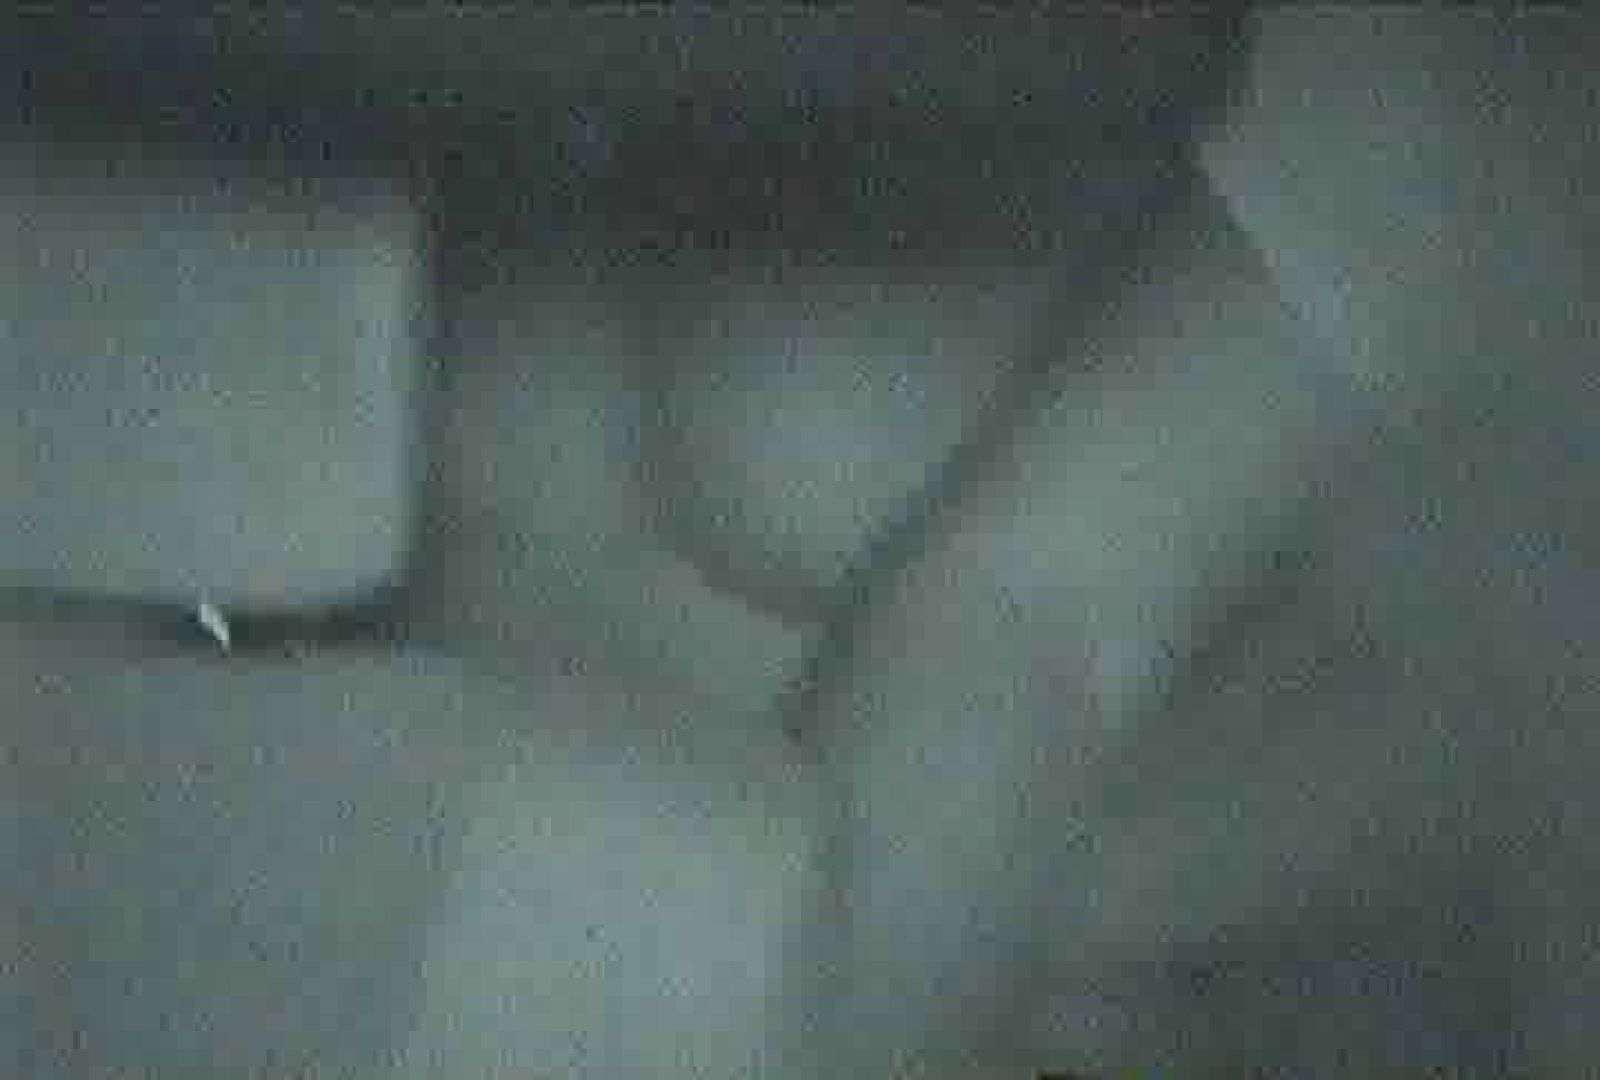 充血監督の深夜の運動会Vol.82 OLセックス | お姉さんヌード  108画像 29